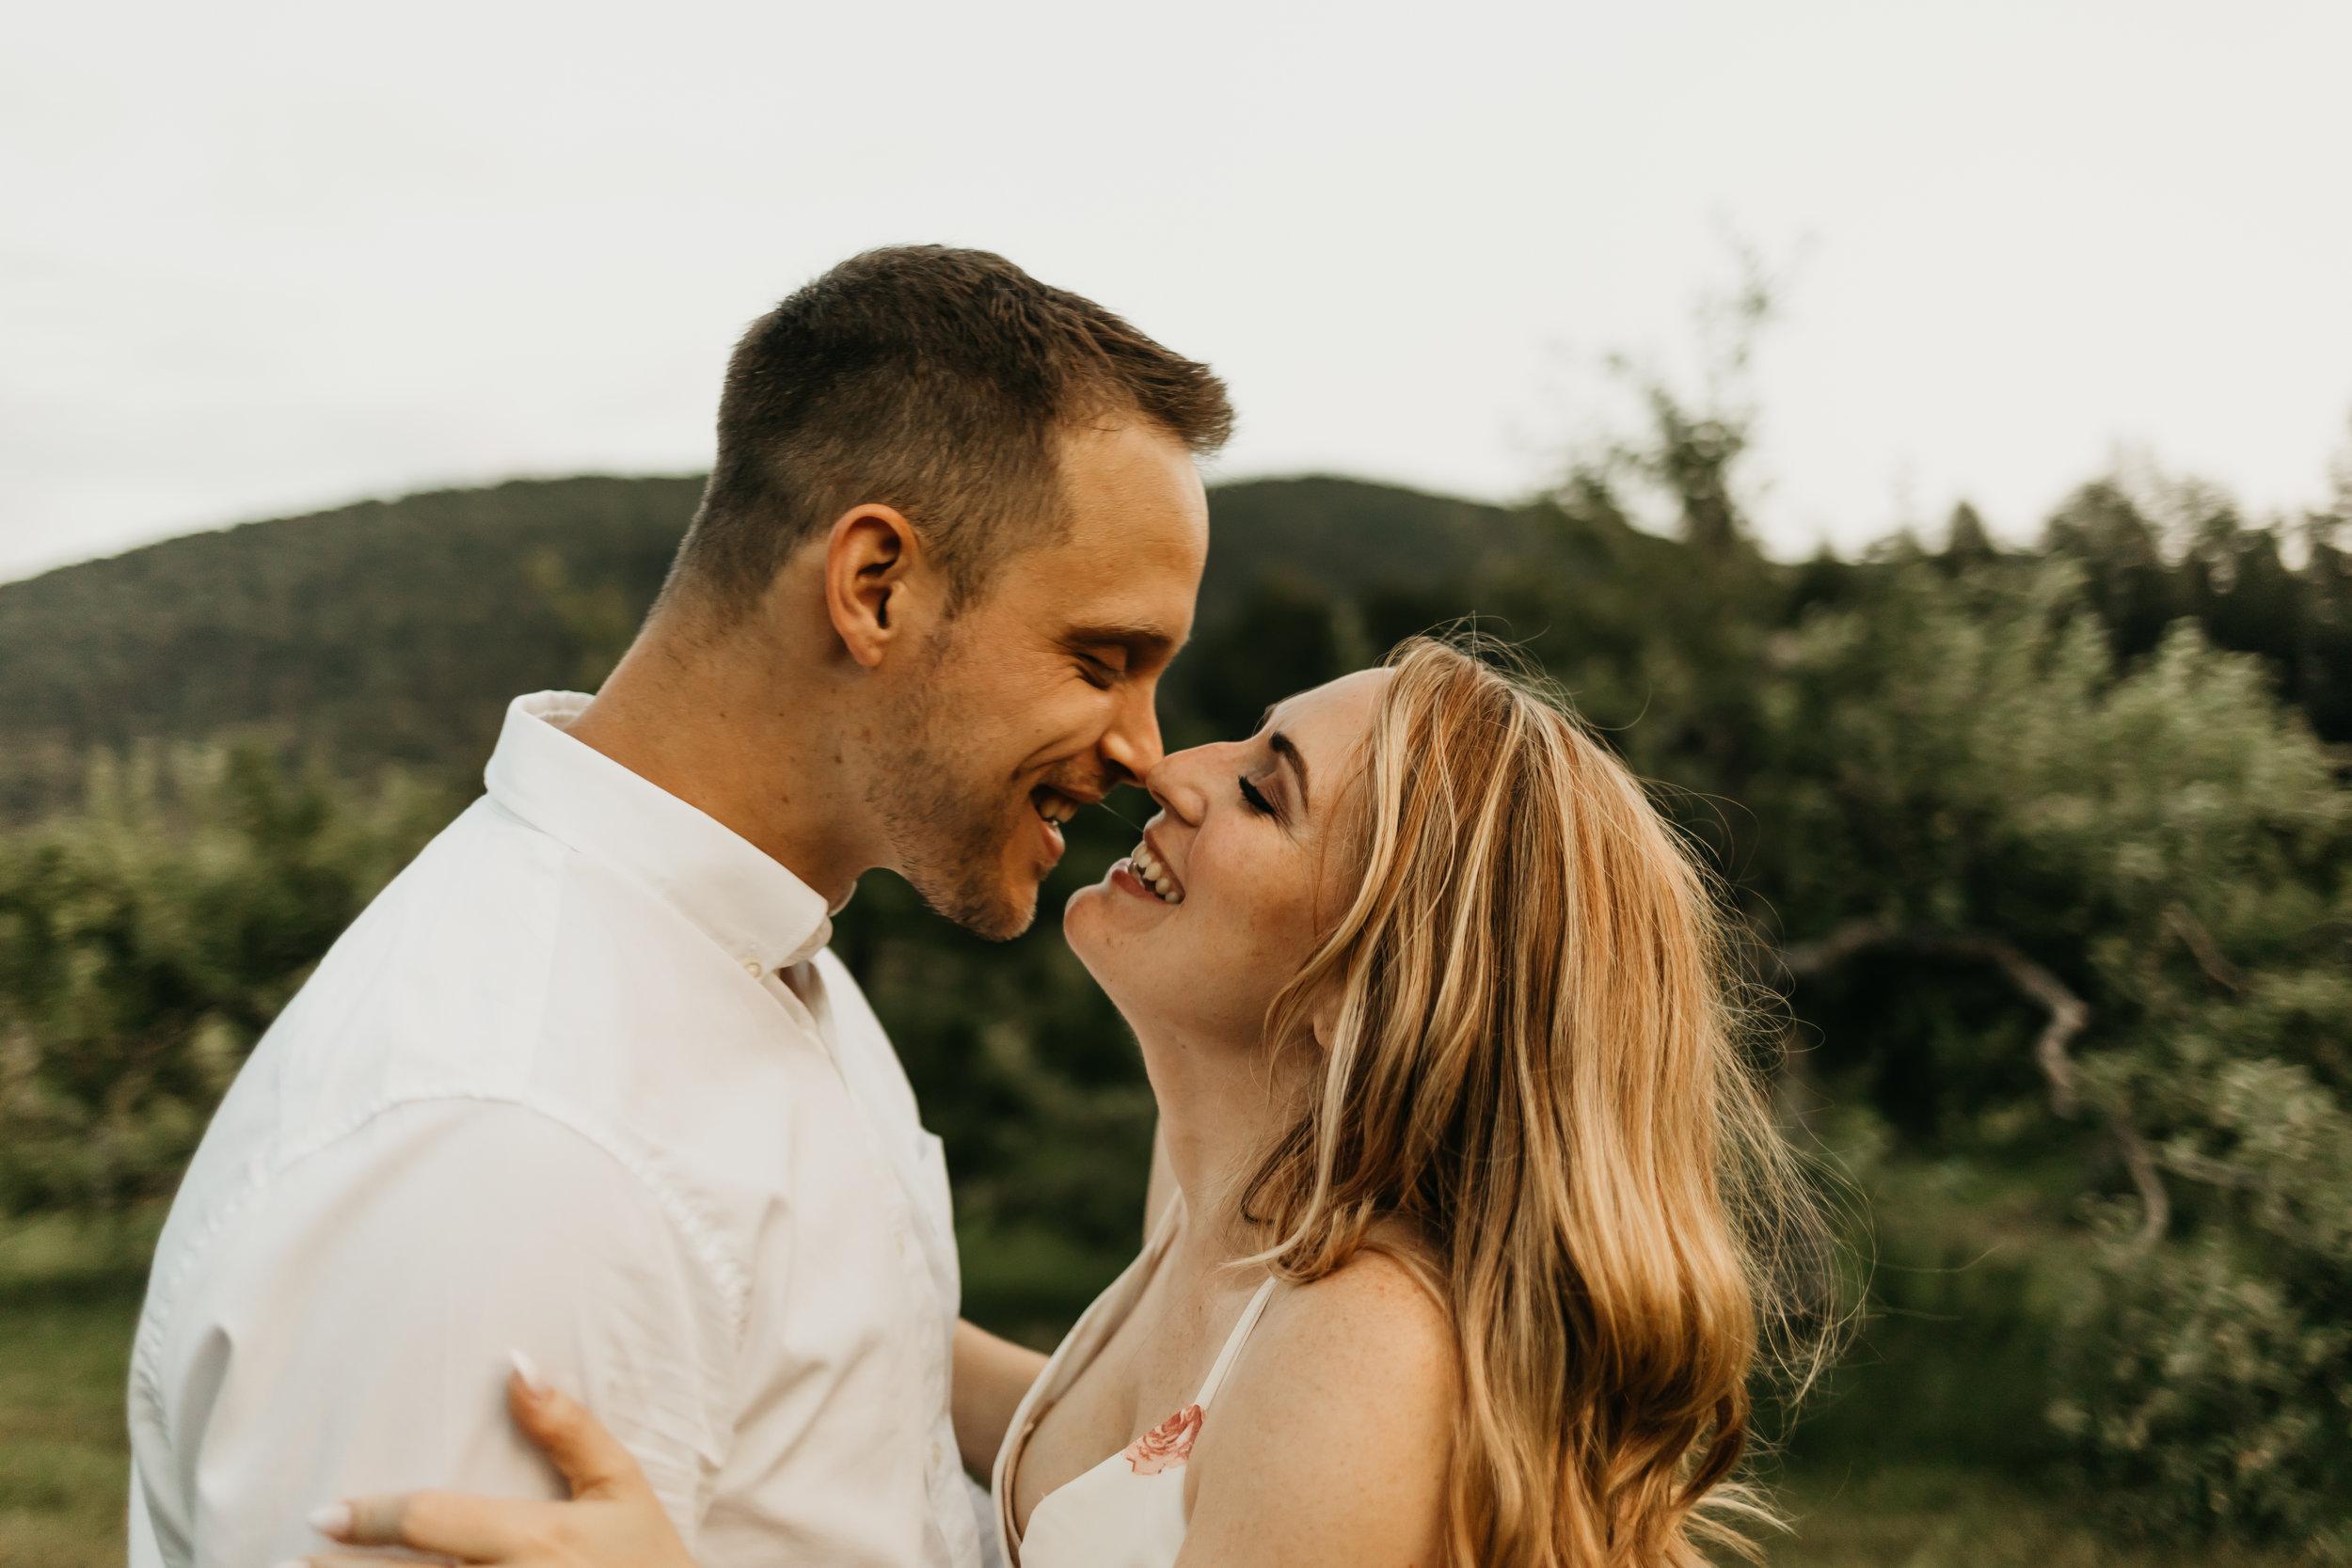 Engagement-shoot-Mont-saint-hilaire-québec-2587.jpg